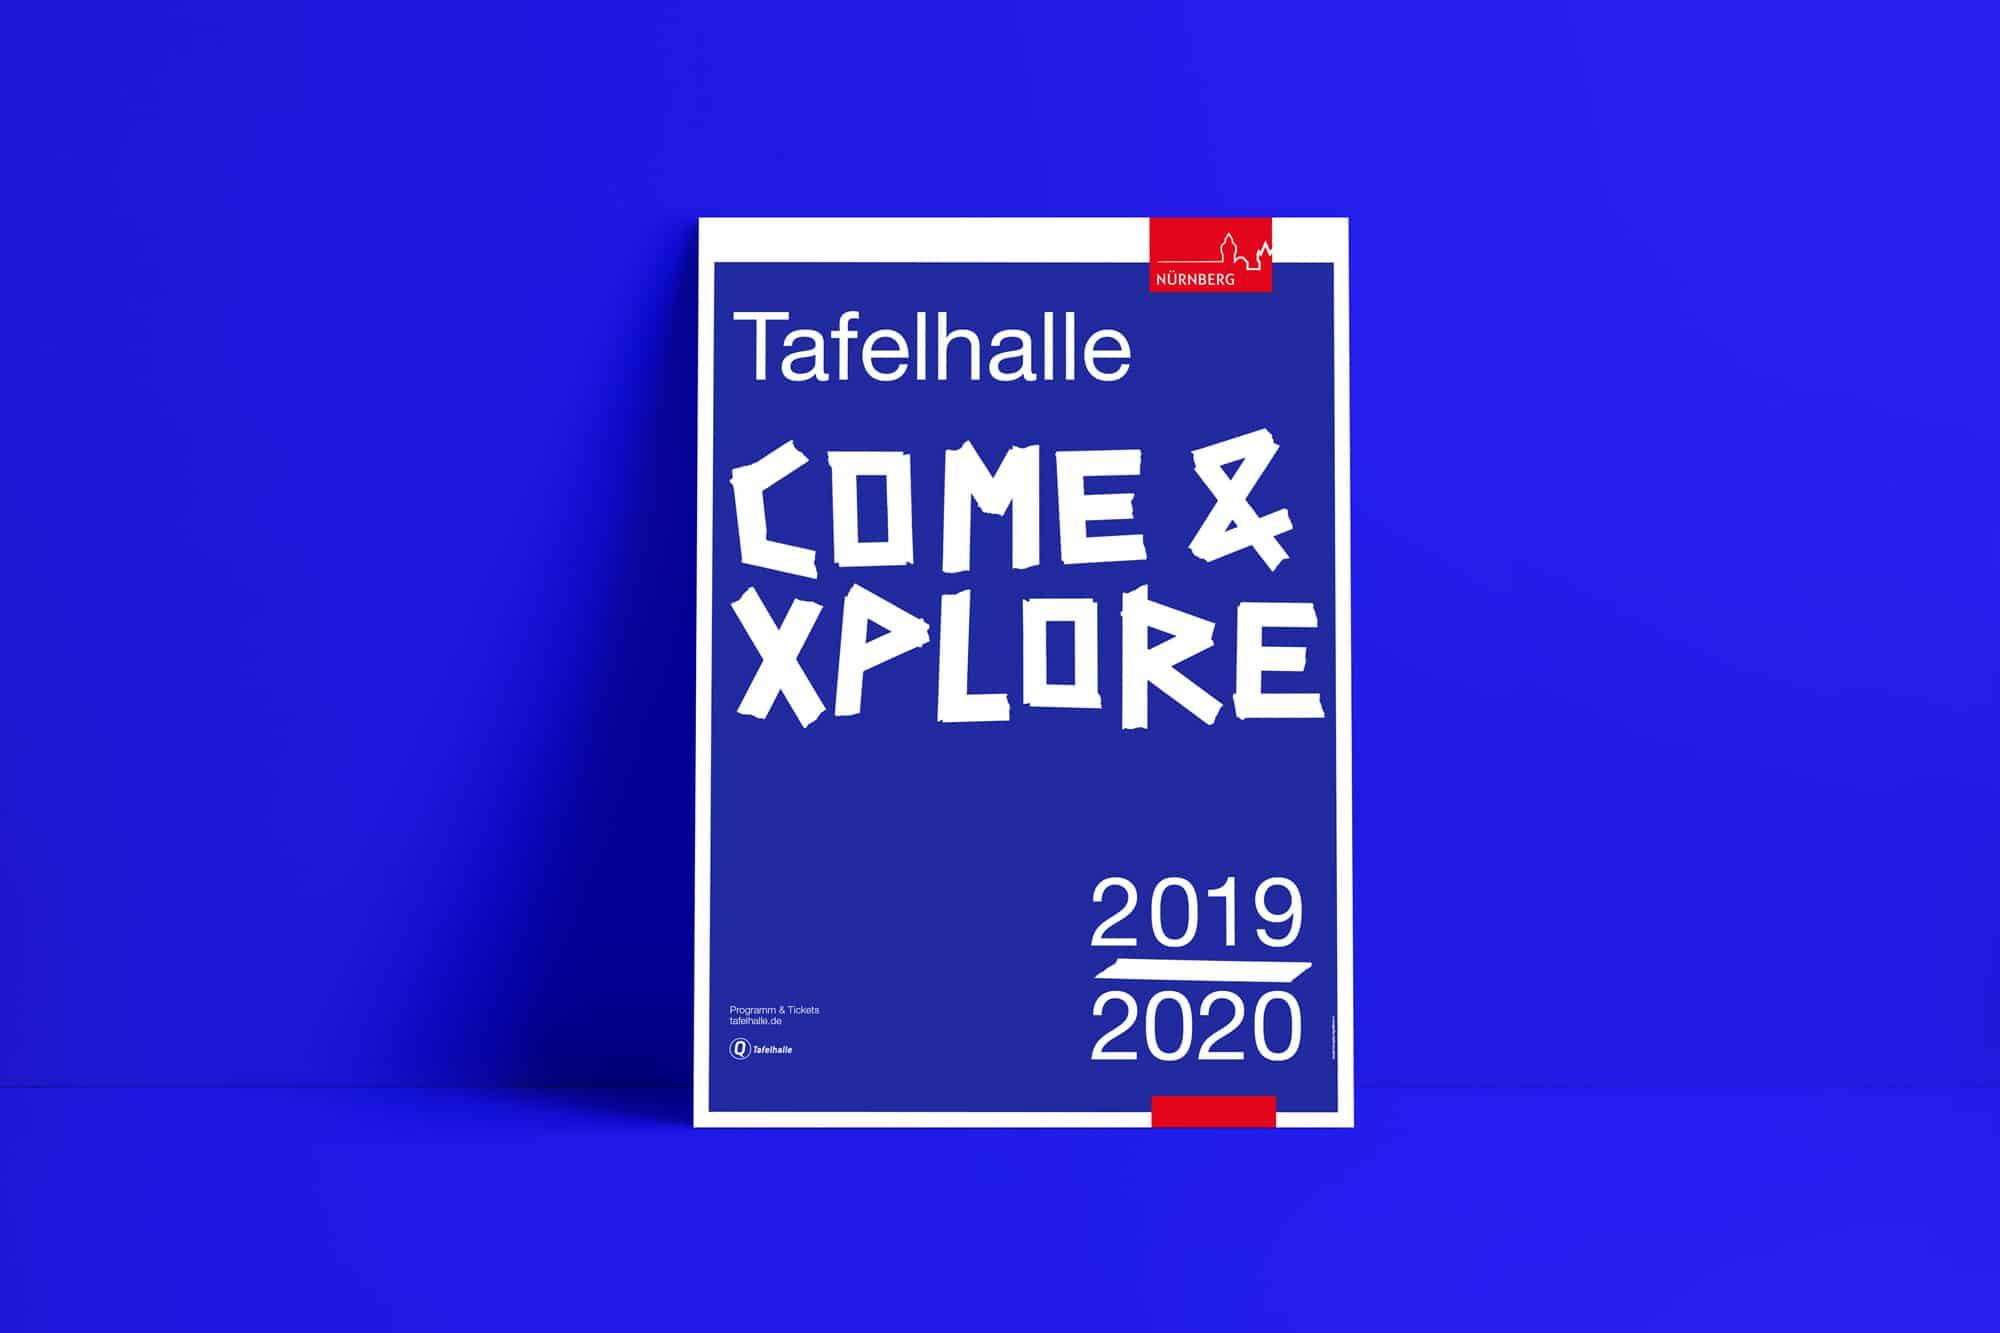 planx-Tafelhalle-Spielzeit2019-20-01